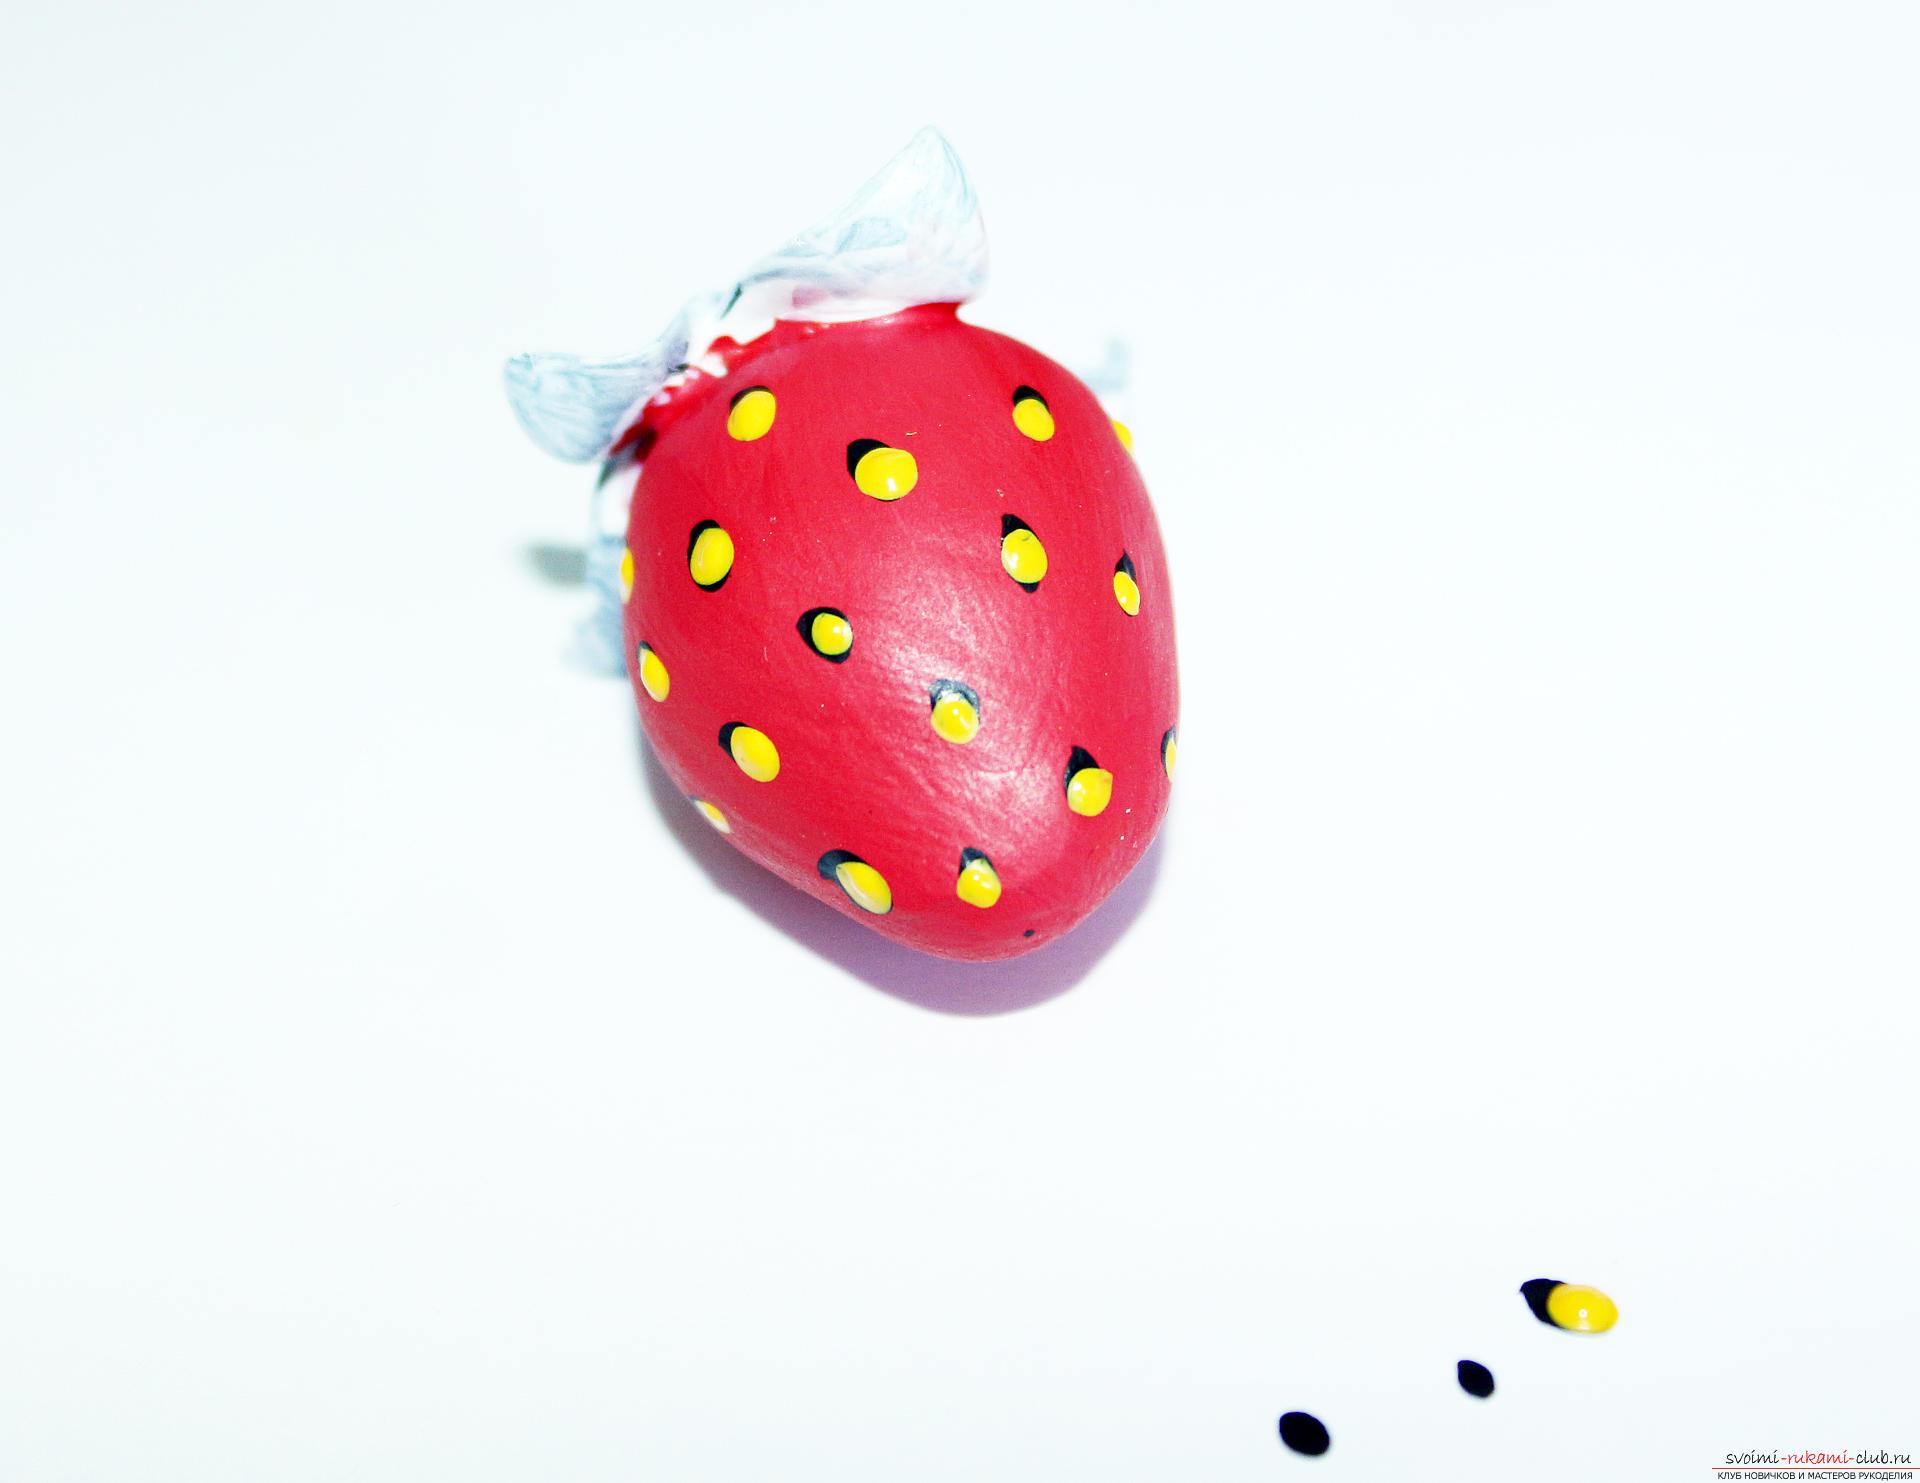 Этот подробный мастер-класс по лепке из полимерной глины расскажет как сделать своими руками фигурки из полимерной глины - овощи и фрукты для детей.. Фото №51